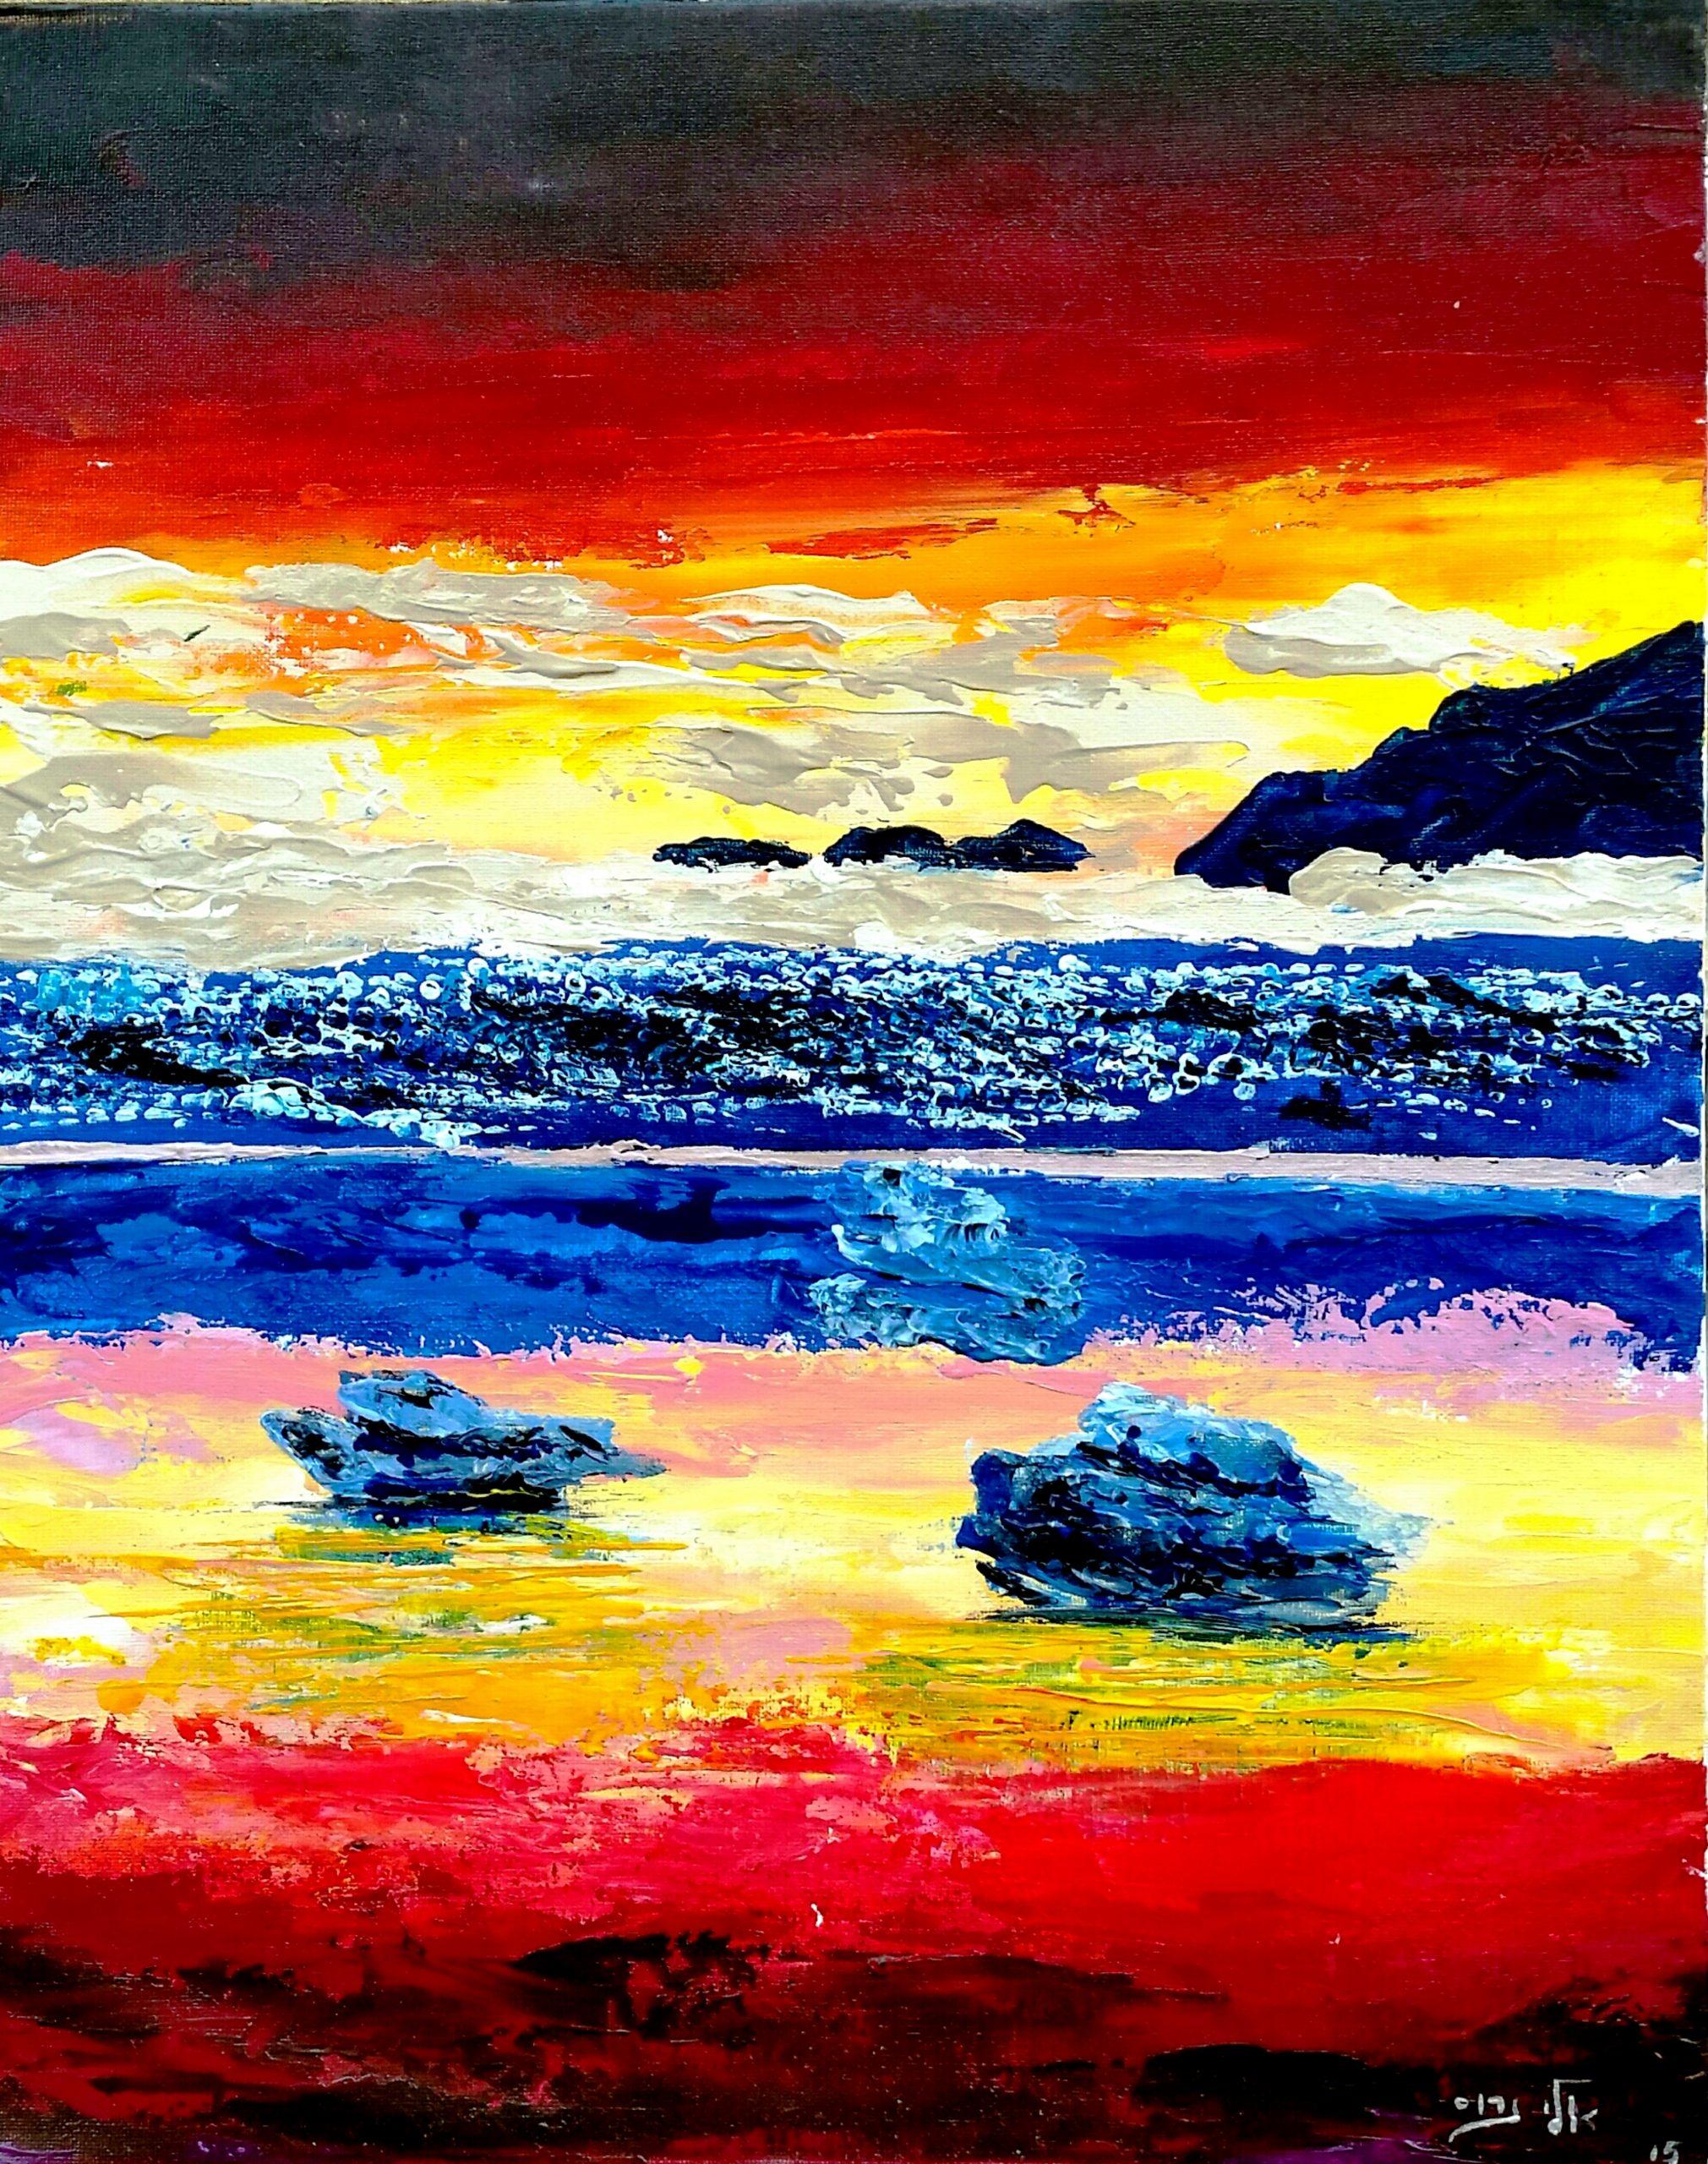 Twilight Glow above Dark Mountains, Crimson Sea Sunset around Small Islets of Sirens